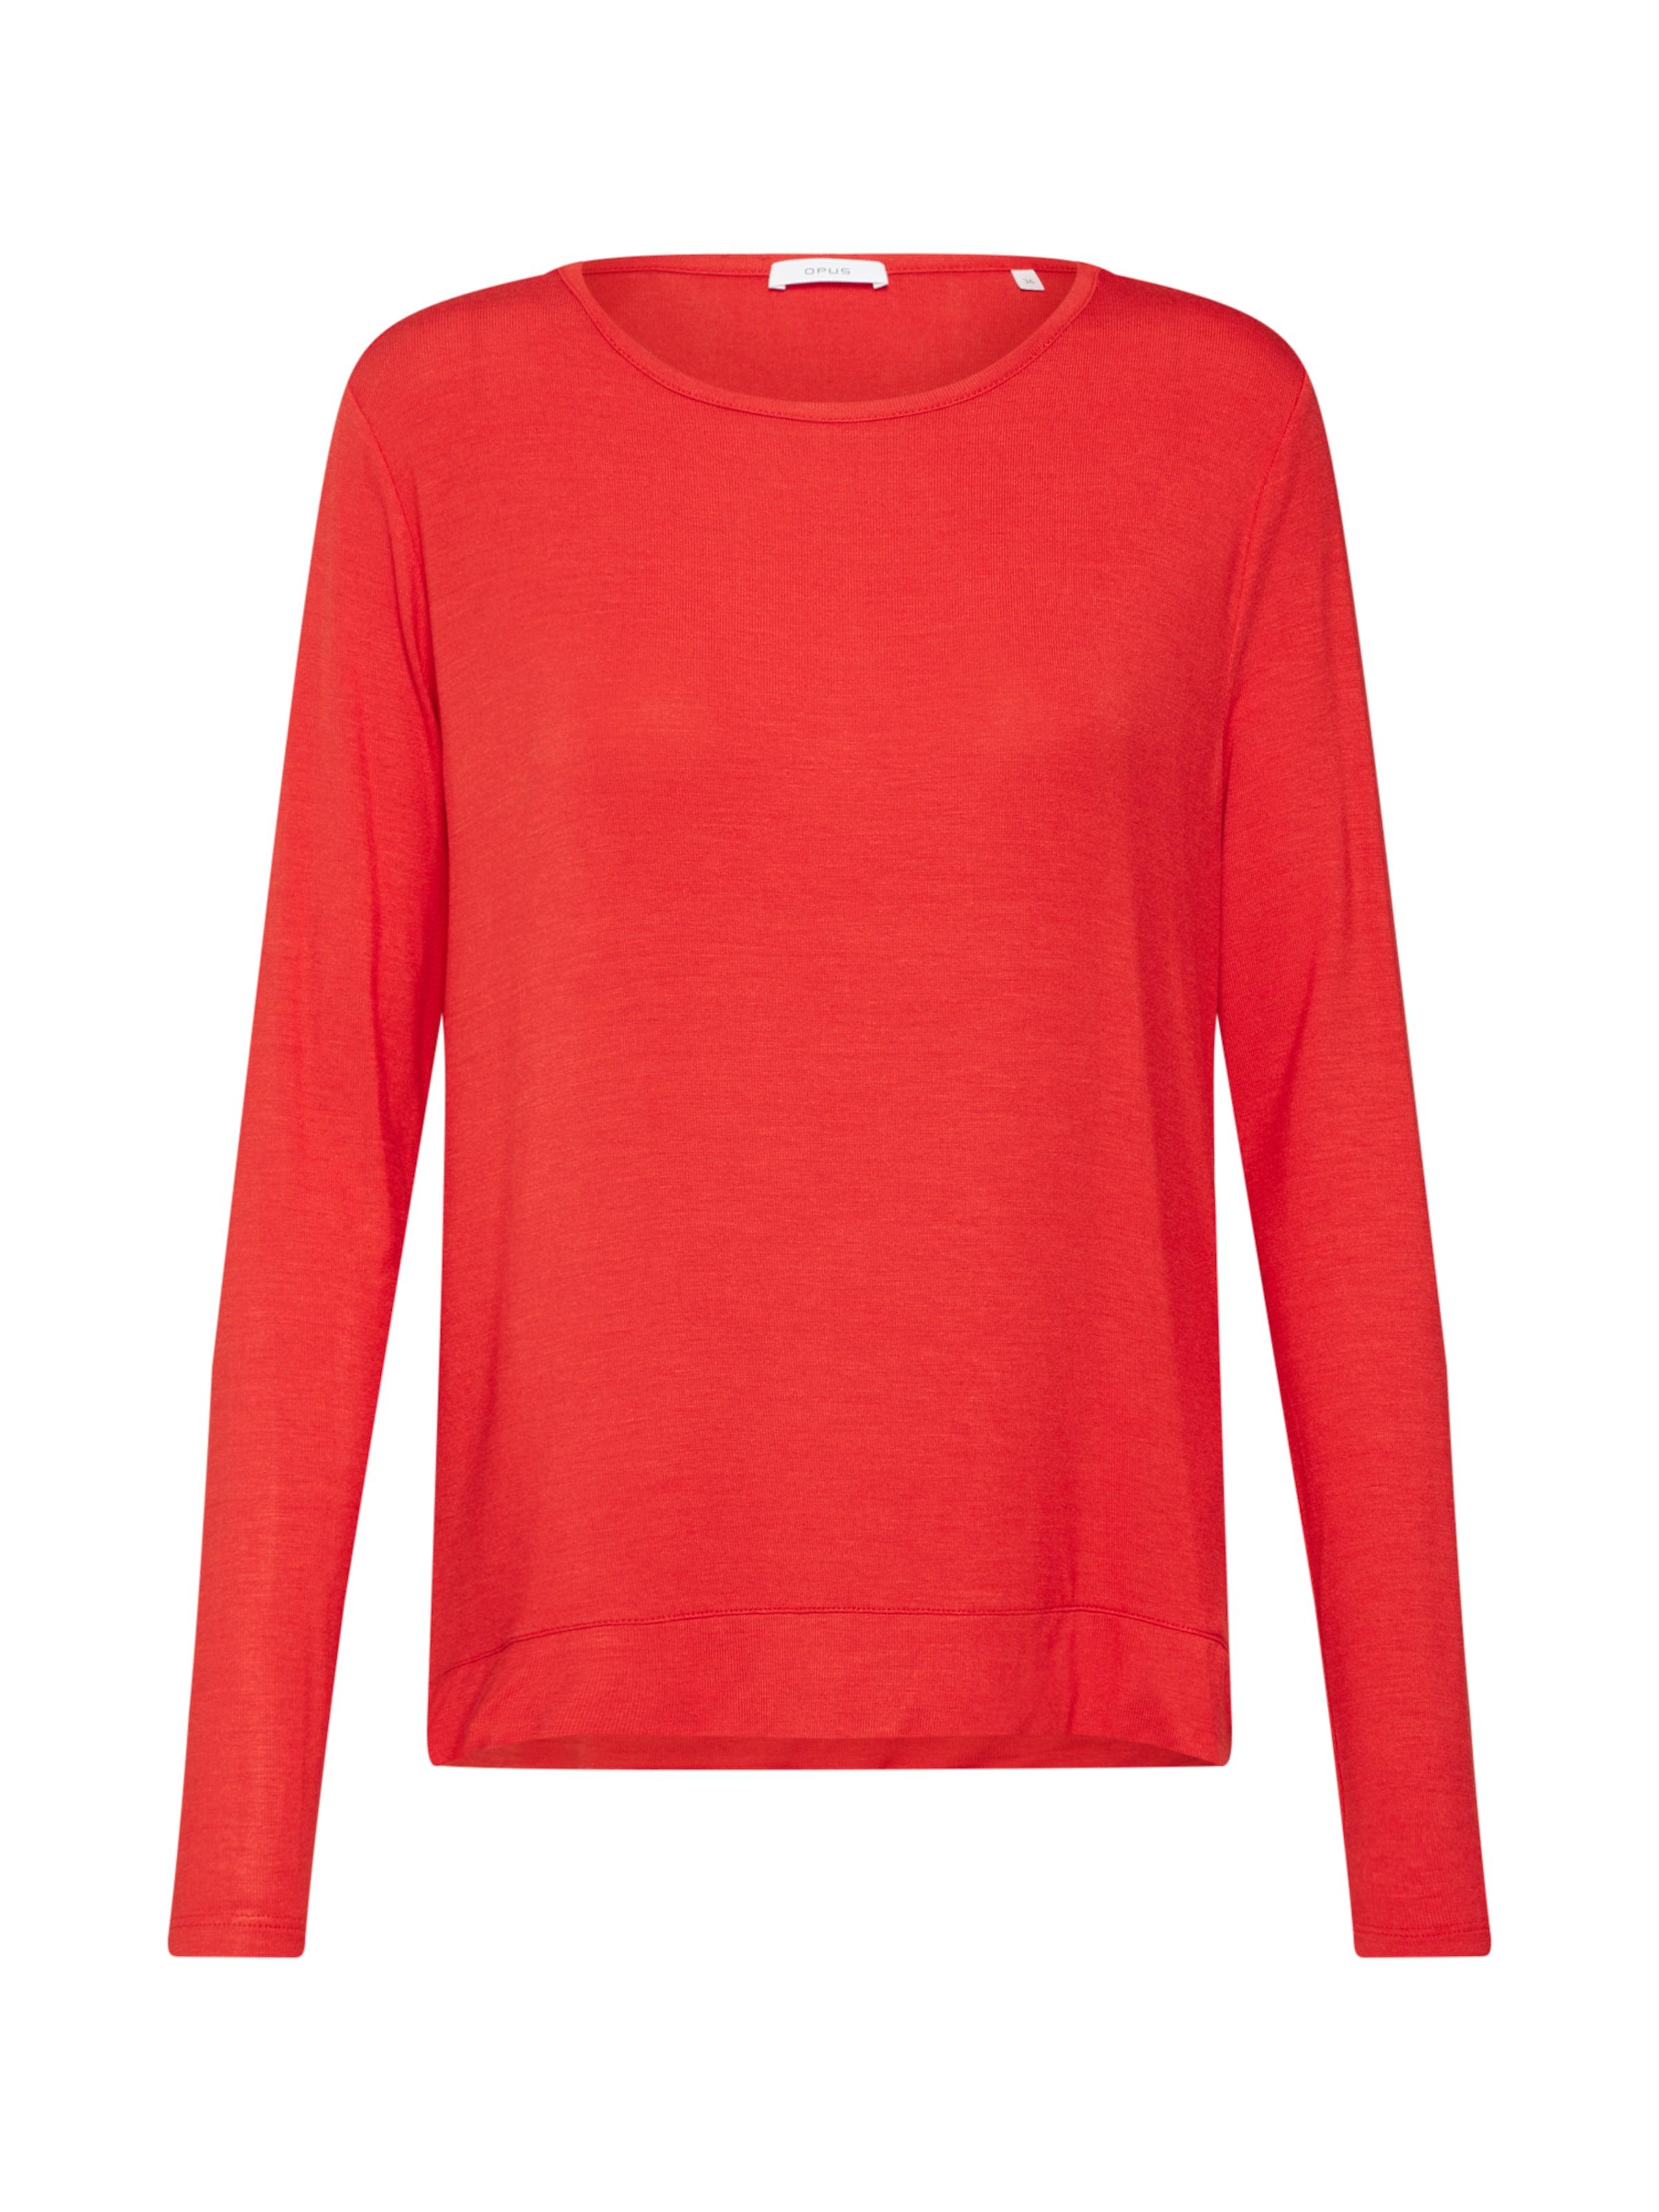 'semke' shirt Opus En Rouge T hQCrtsd